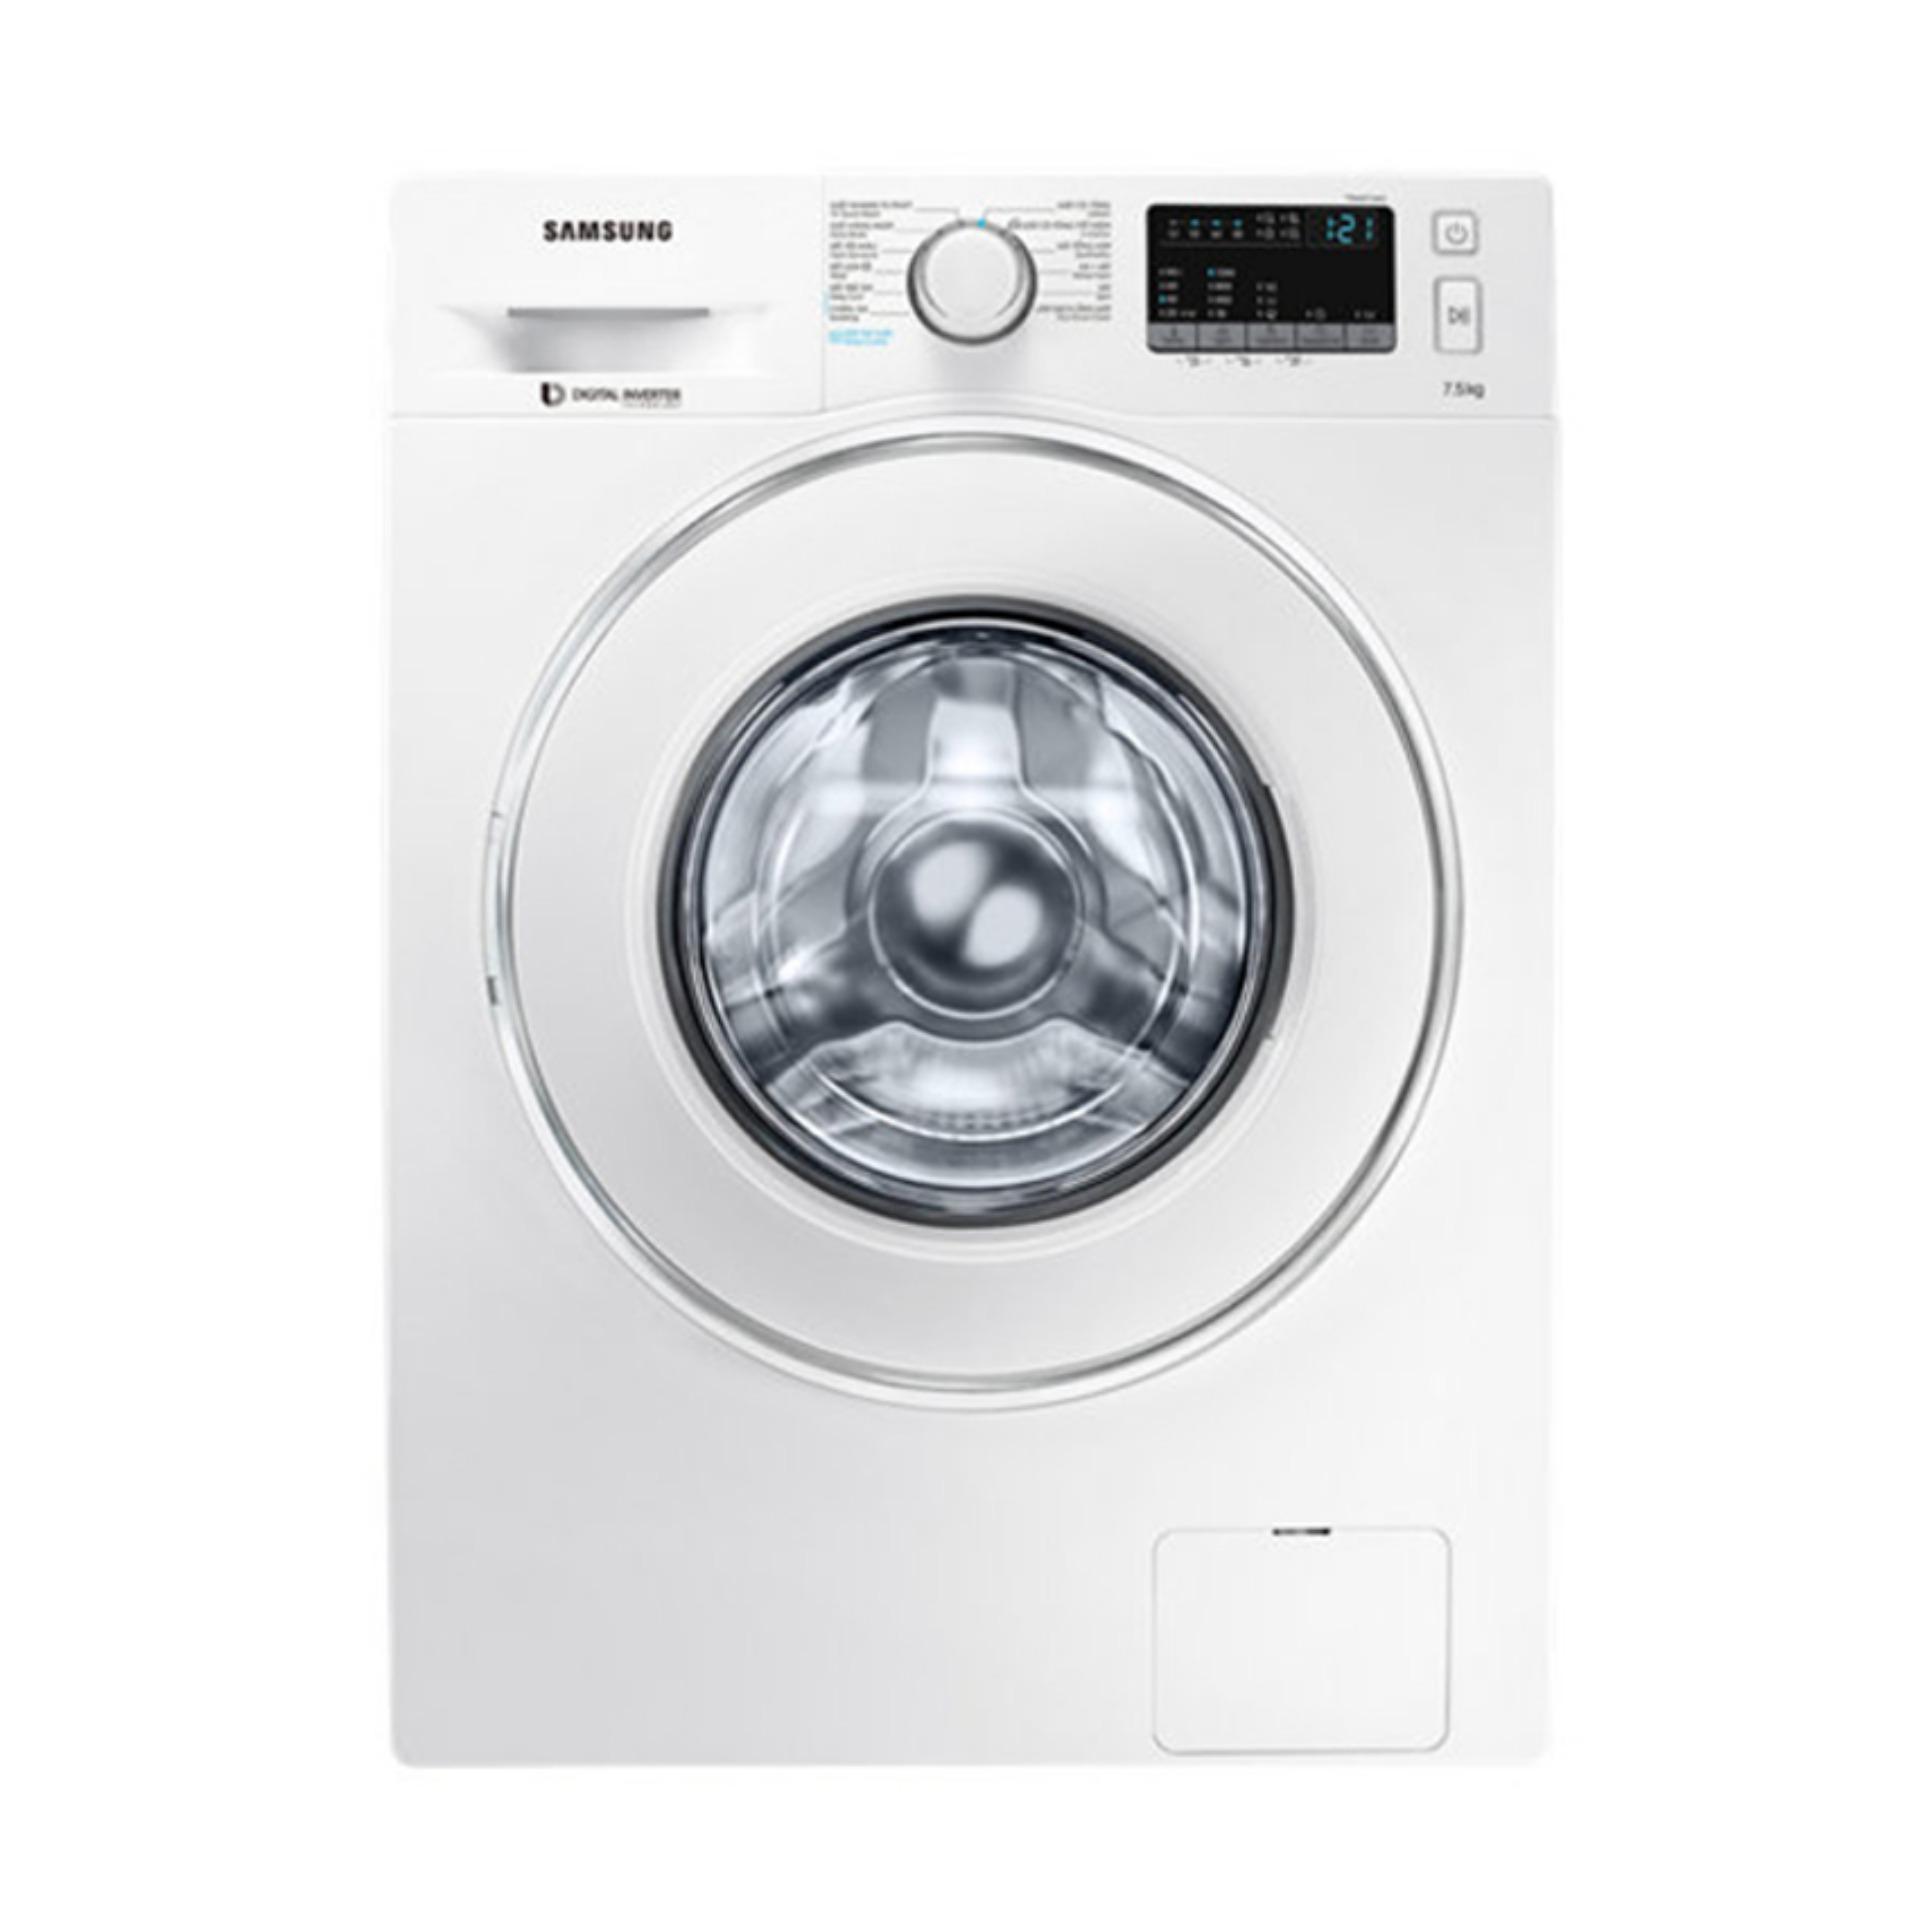 Máy giặt cửa trước hơi nước Inverter Samsung WW75J42G0IW/SV 7.5kg (Trắng) chính hãng